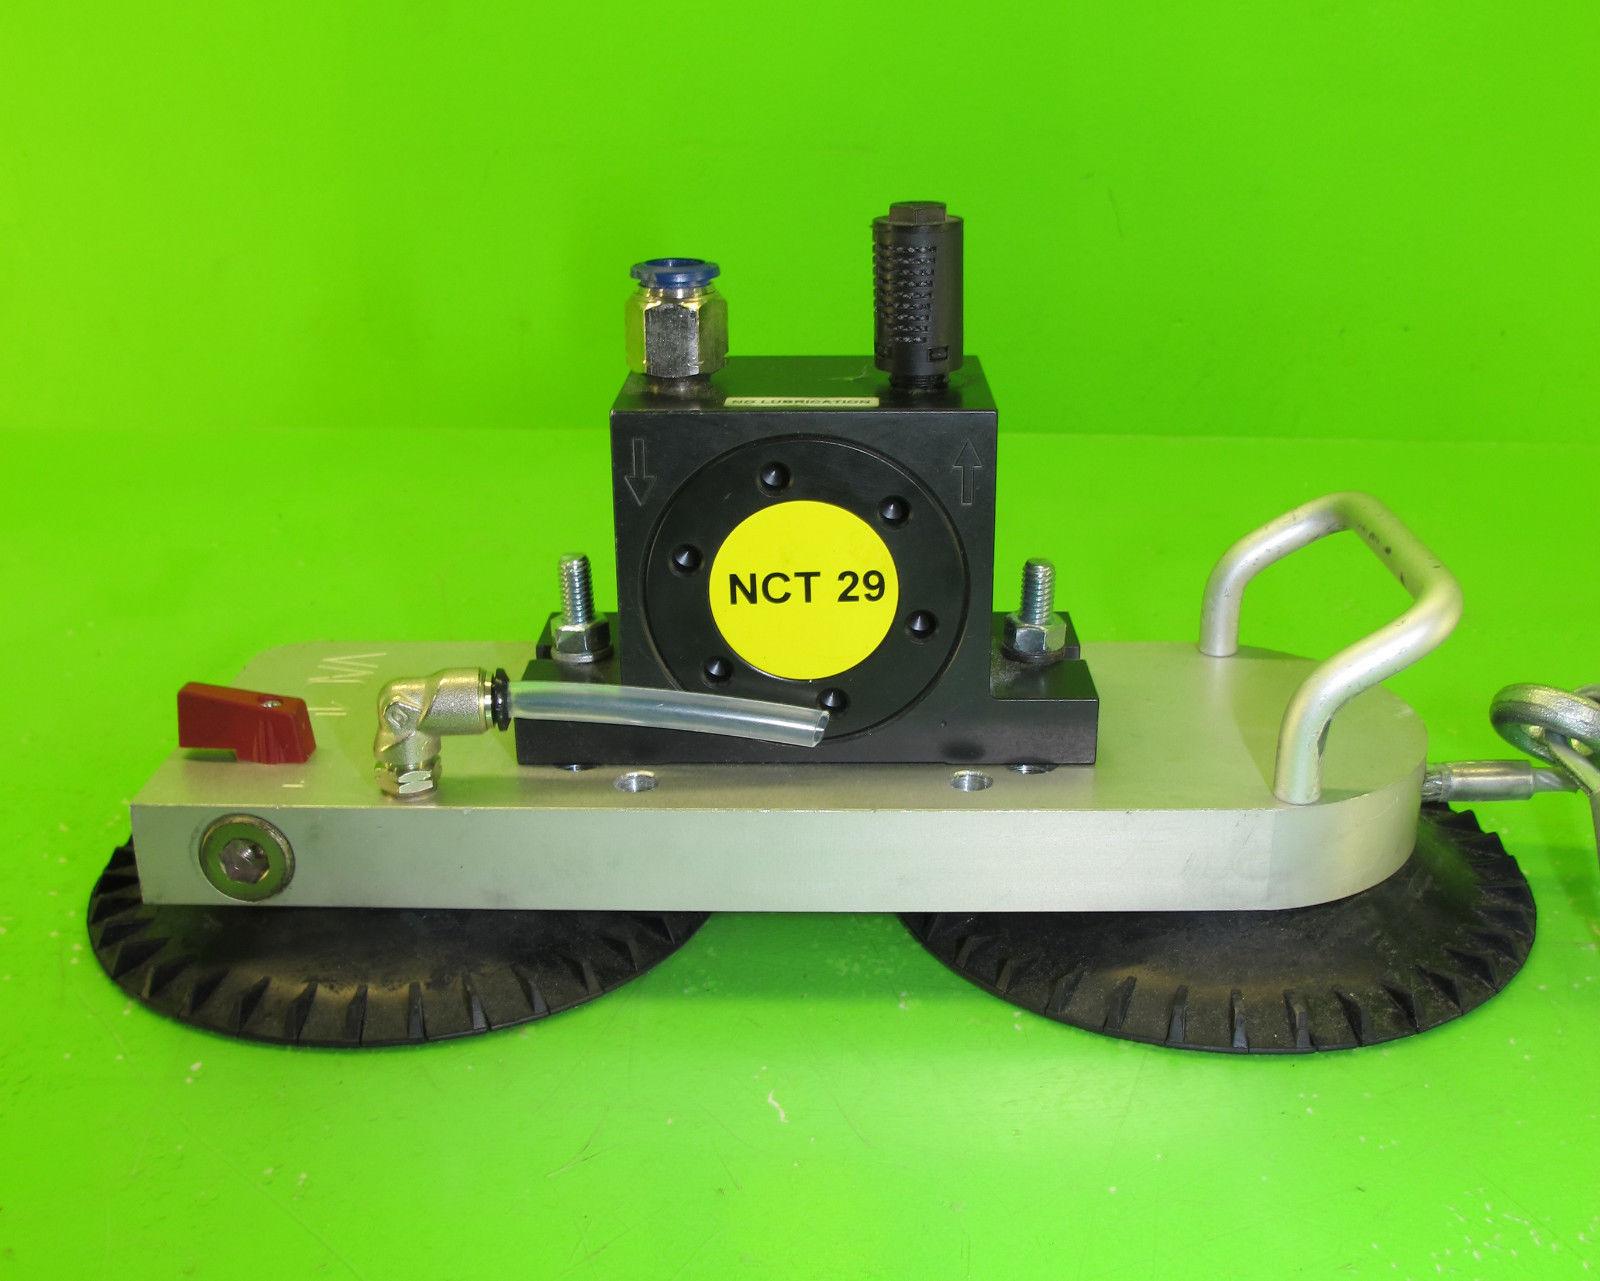 NETTER真空吸盘振动器参数与尺寸介绍点击进入